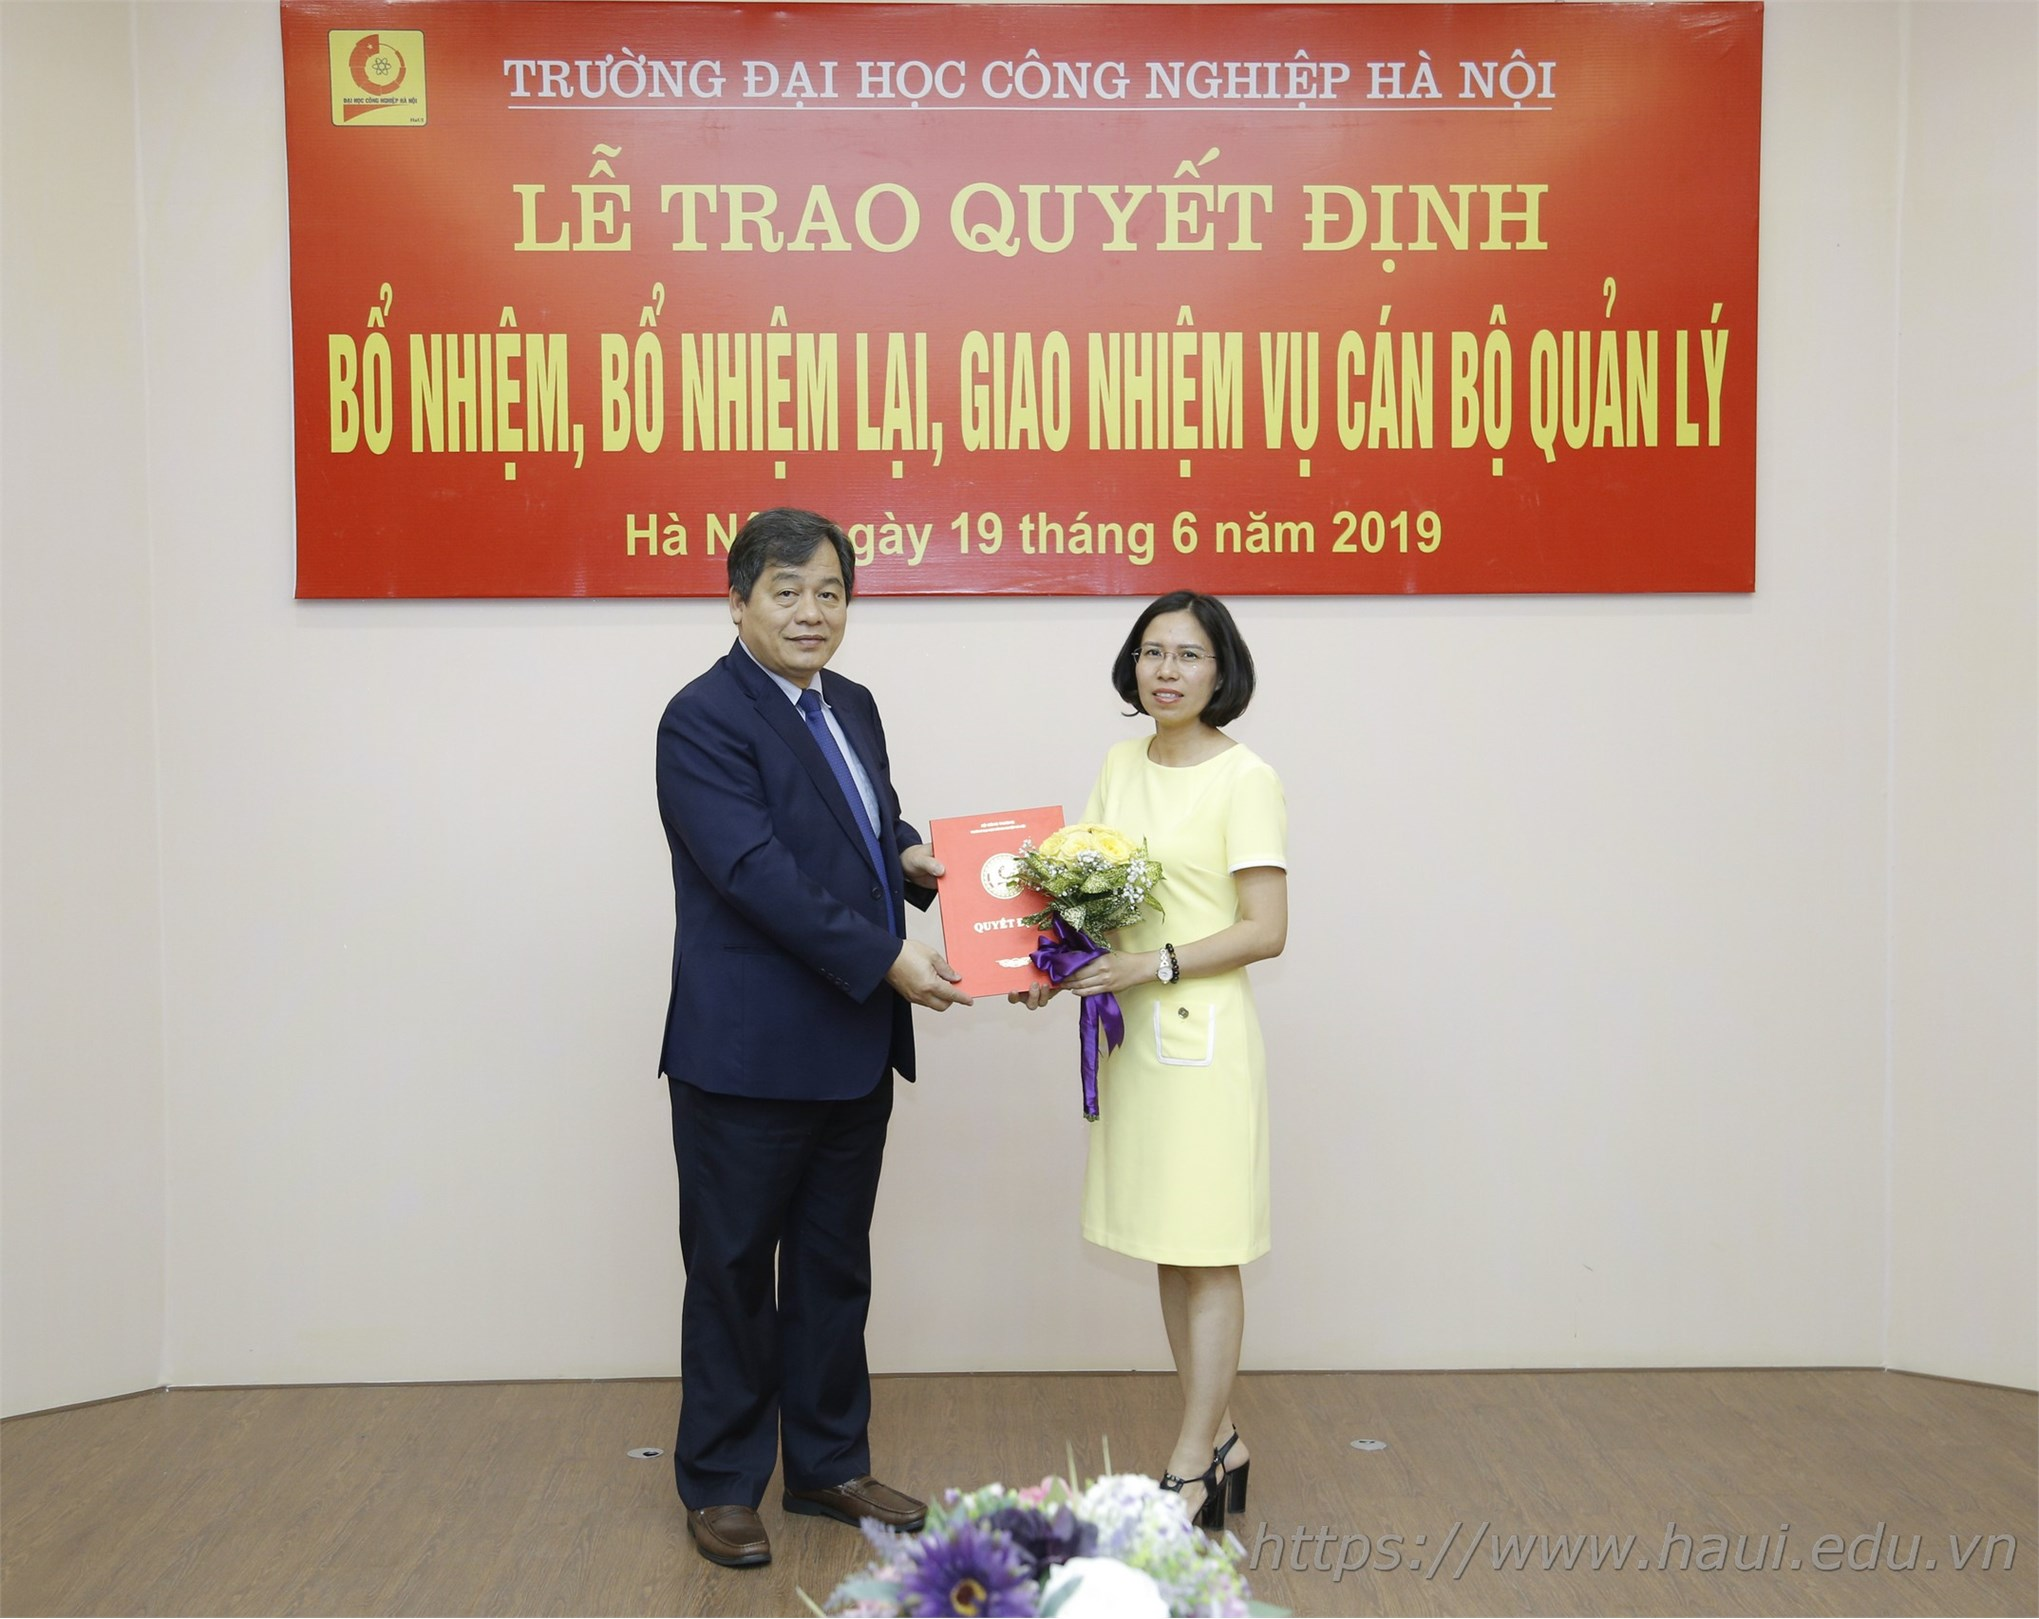 Đại học Công nghiệp Hà Nội trao quyết định bổ nhiệm cán bộ quản lý